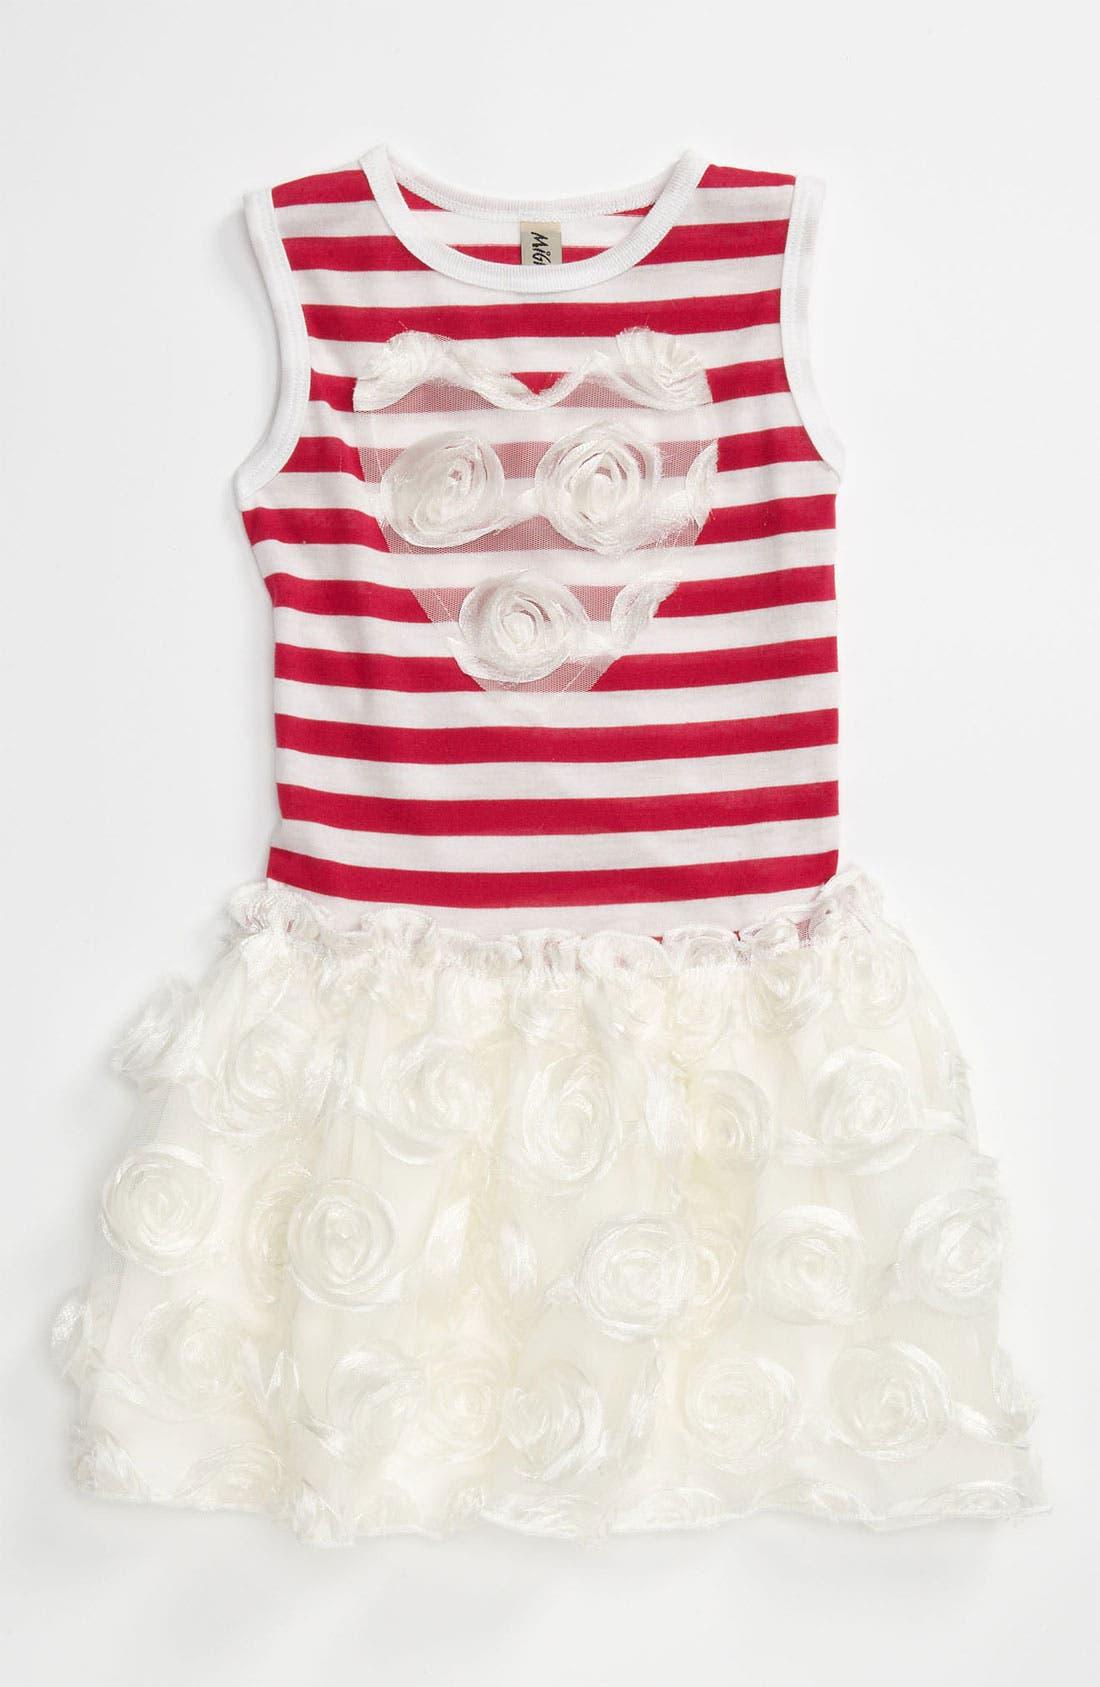 Alternate Image 1 Selected - Mignone Rosette Stripe Dress (Toddler)